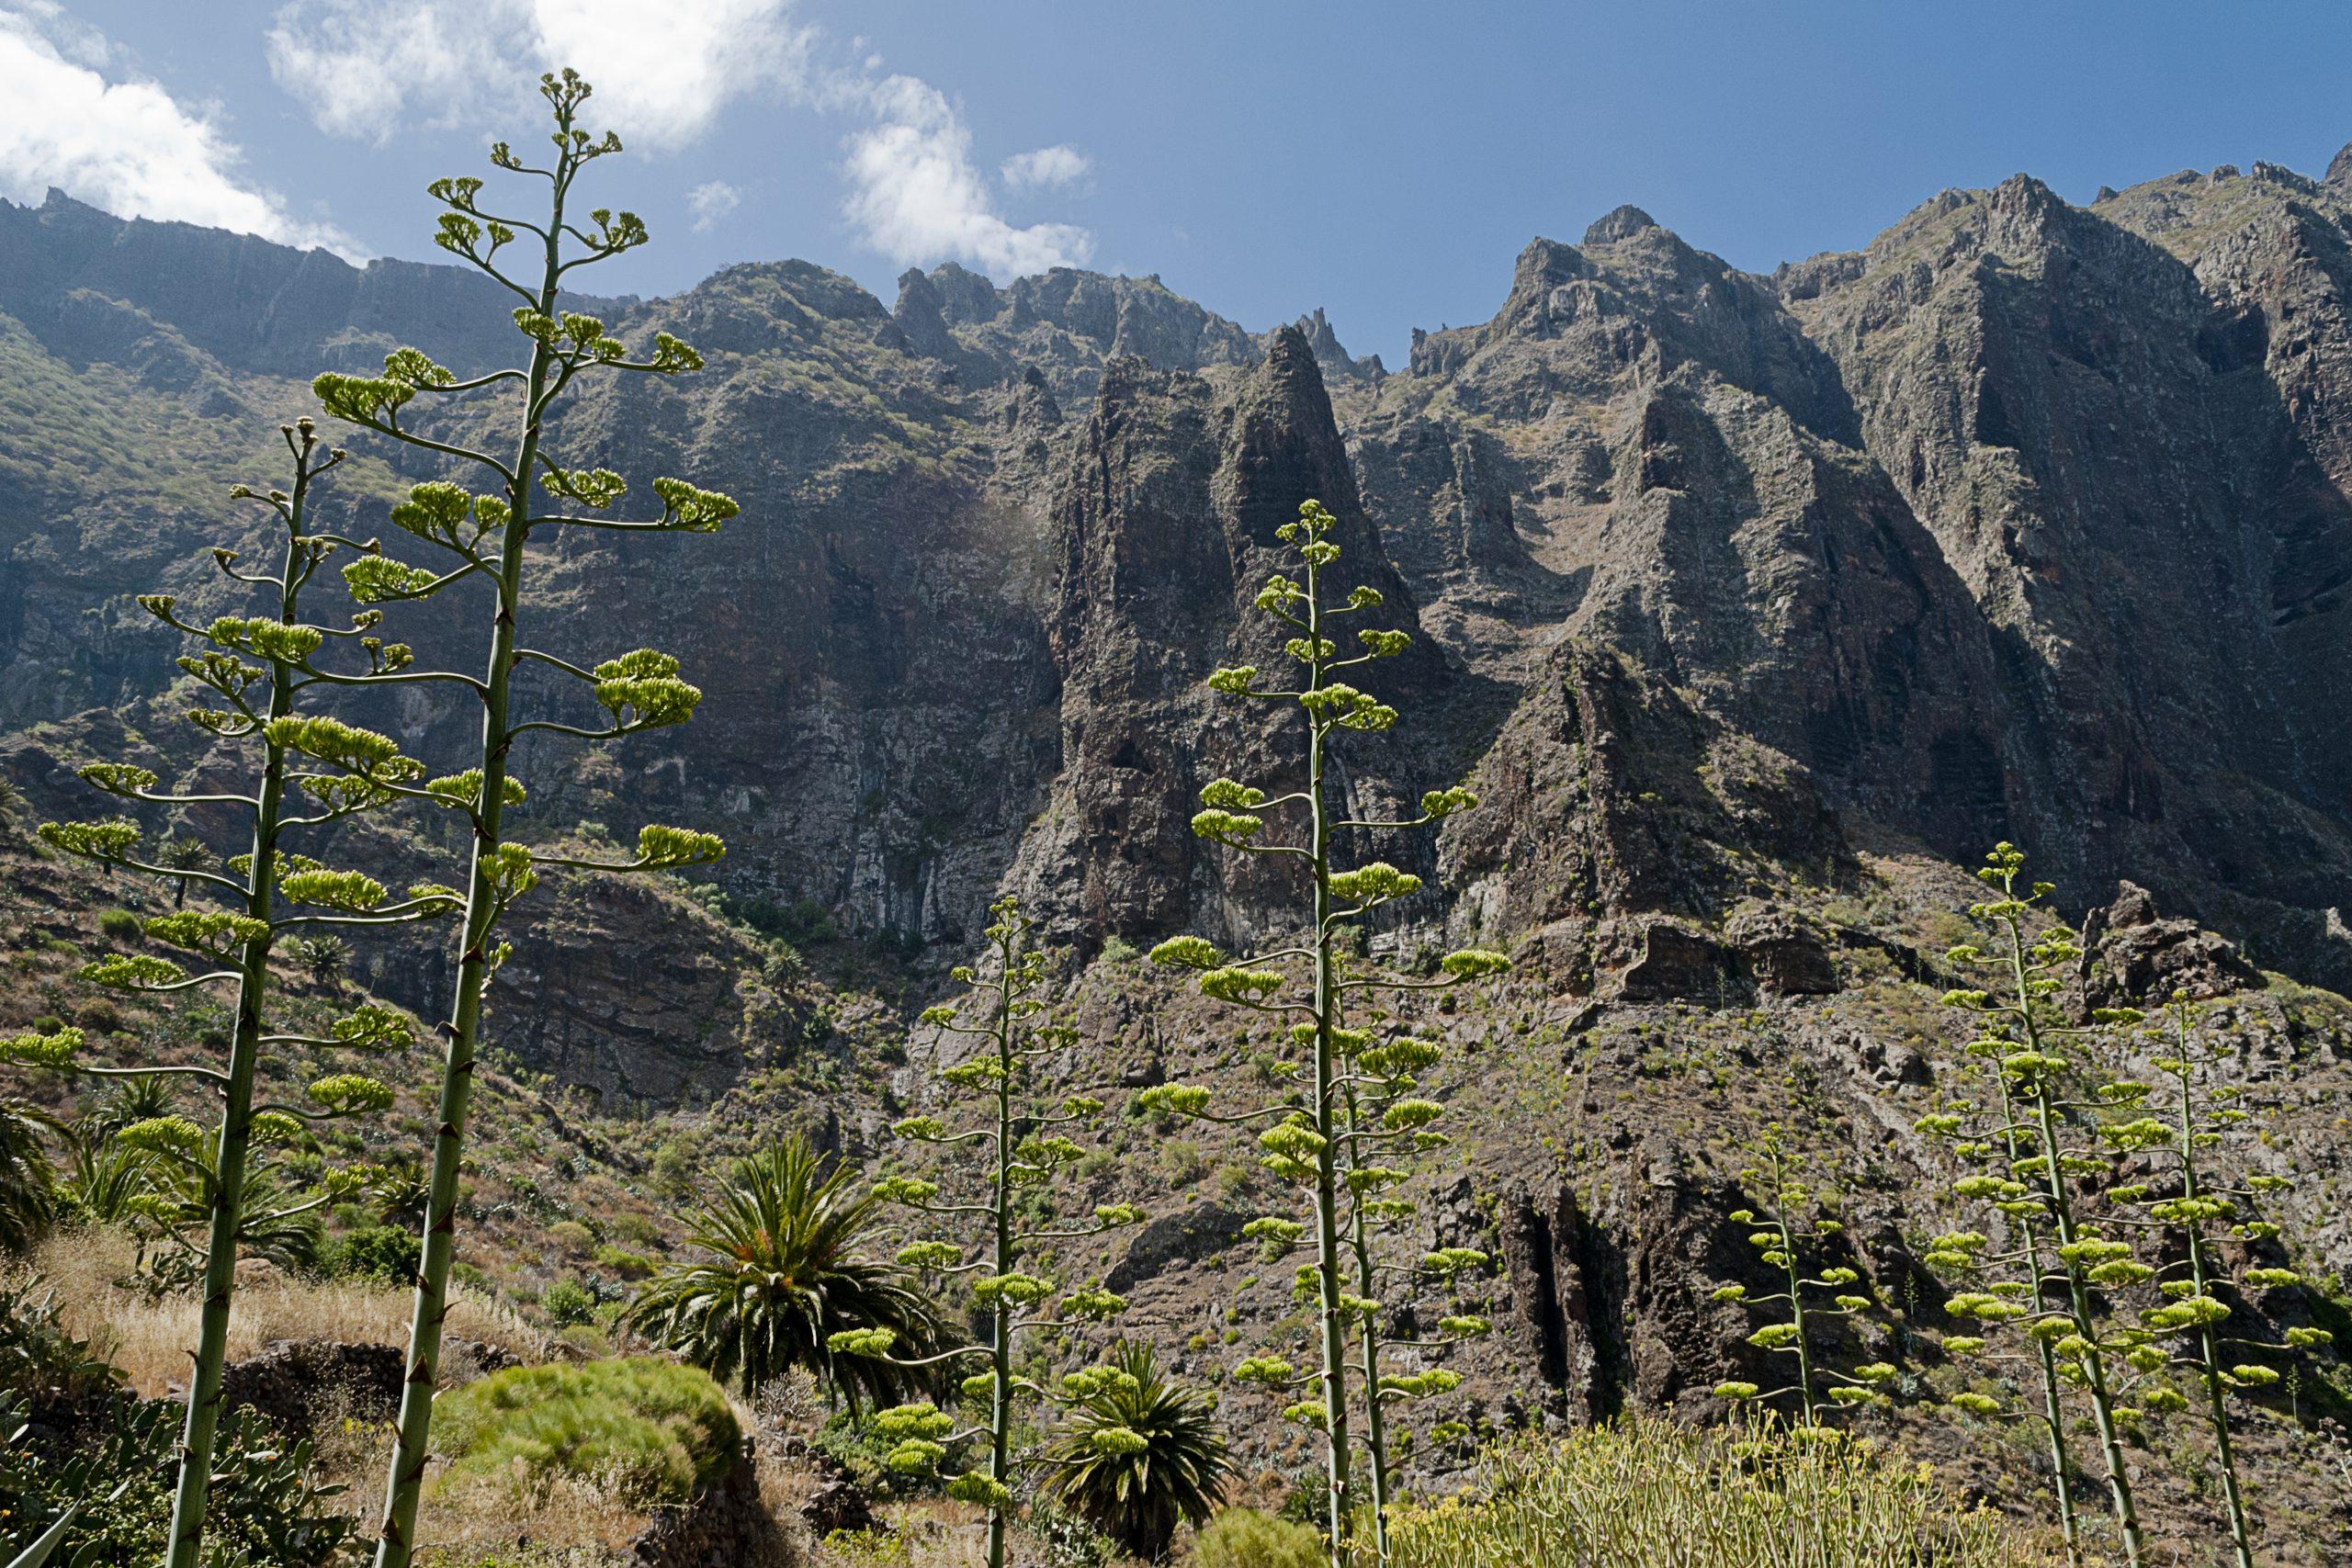 Caminhadas em Tenerife, no Masca Canyon